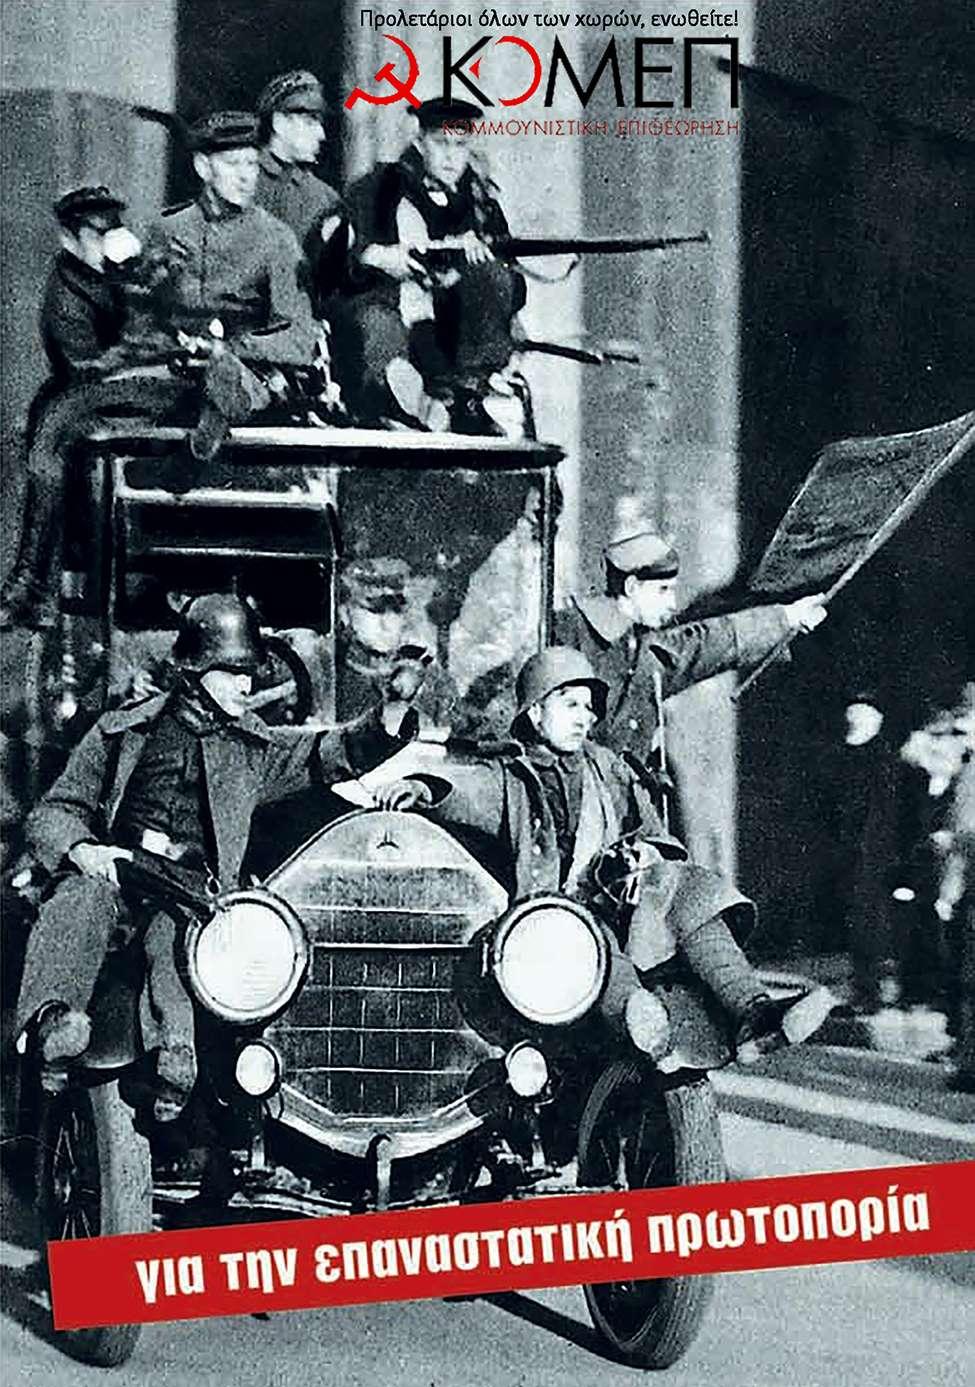 Προλετάριοι όλΚΟΜΕΠ για την επαναστατική Πρωτοπορεία